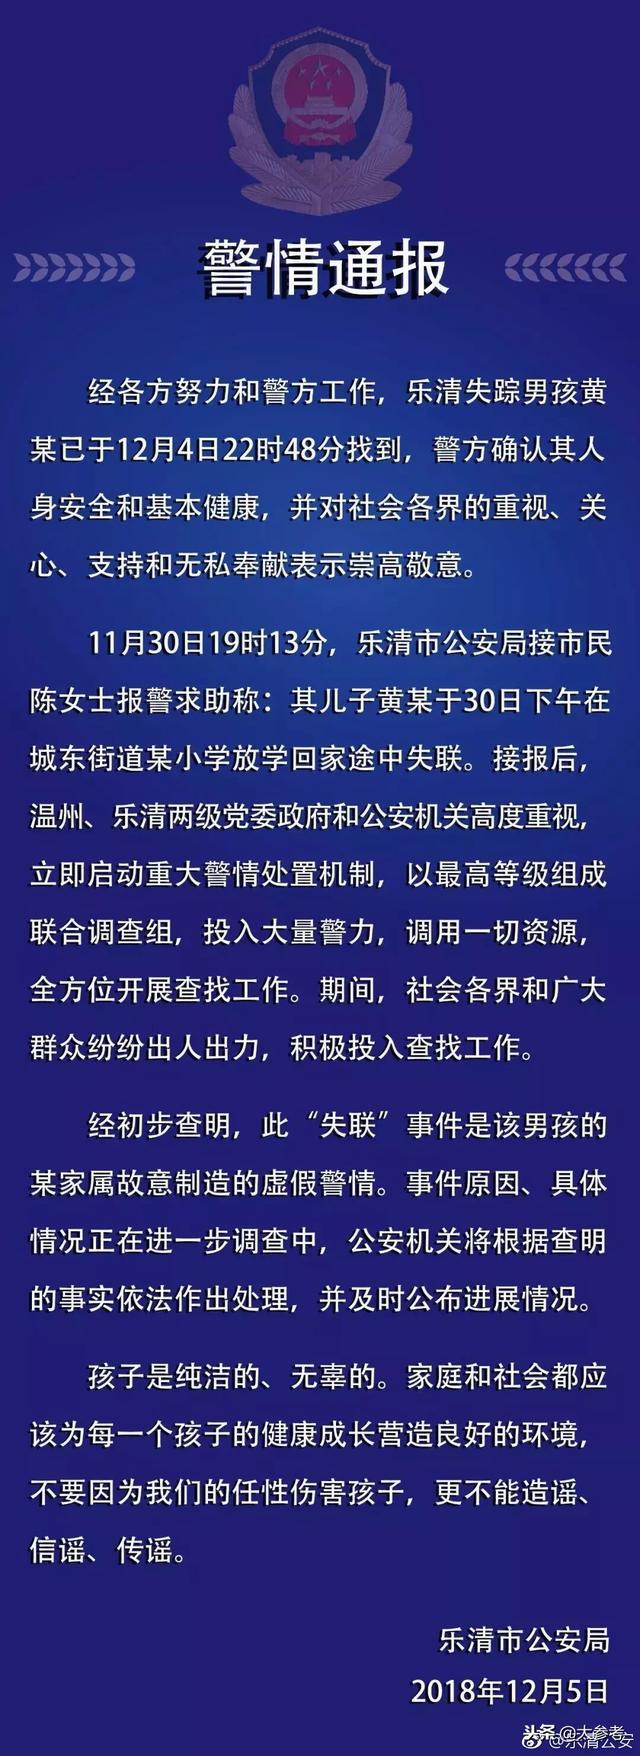 找到了!温州11岁男孩失联5天,系被家属故意藏起!